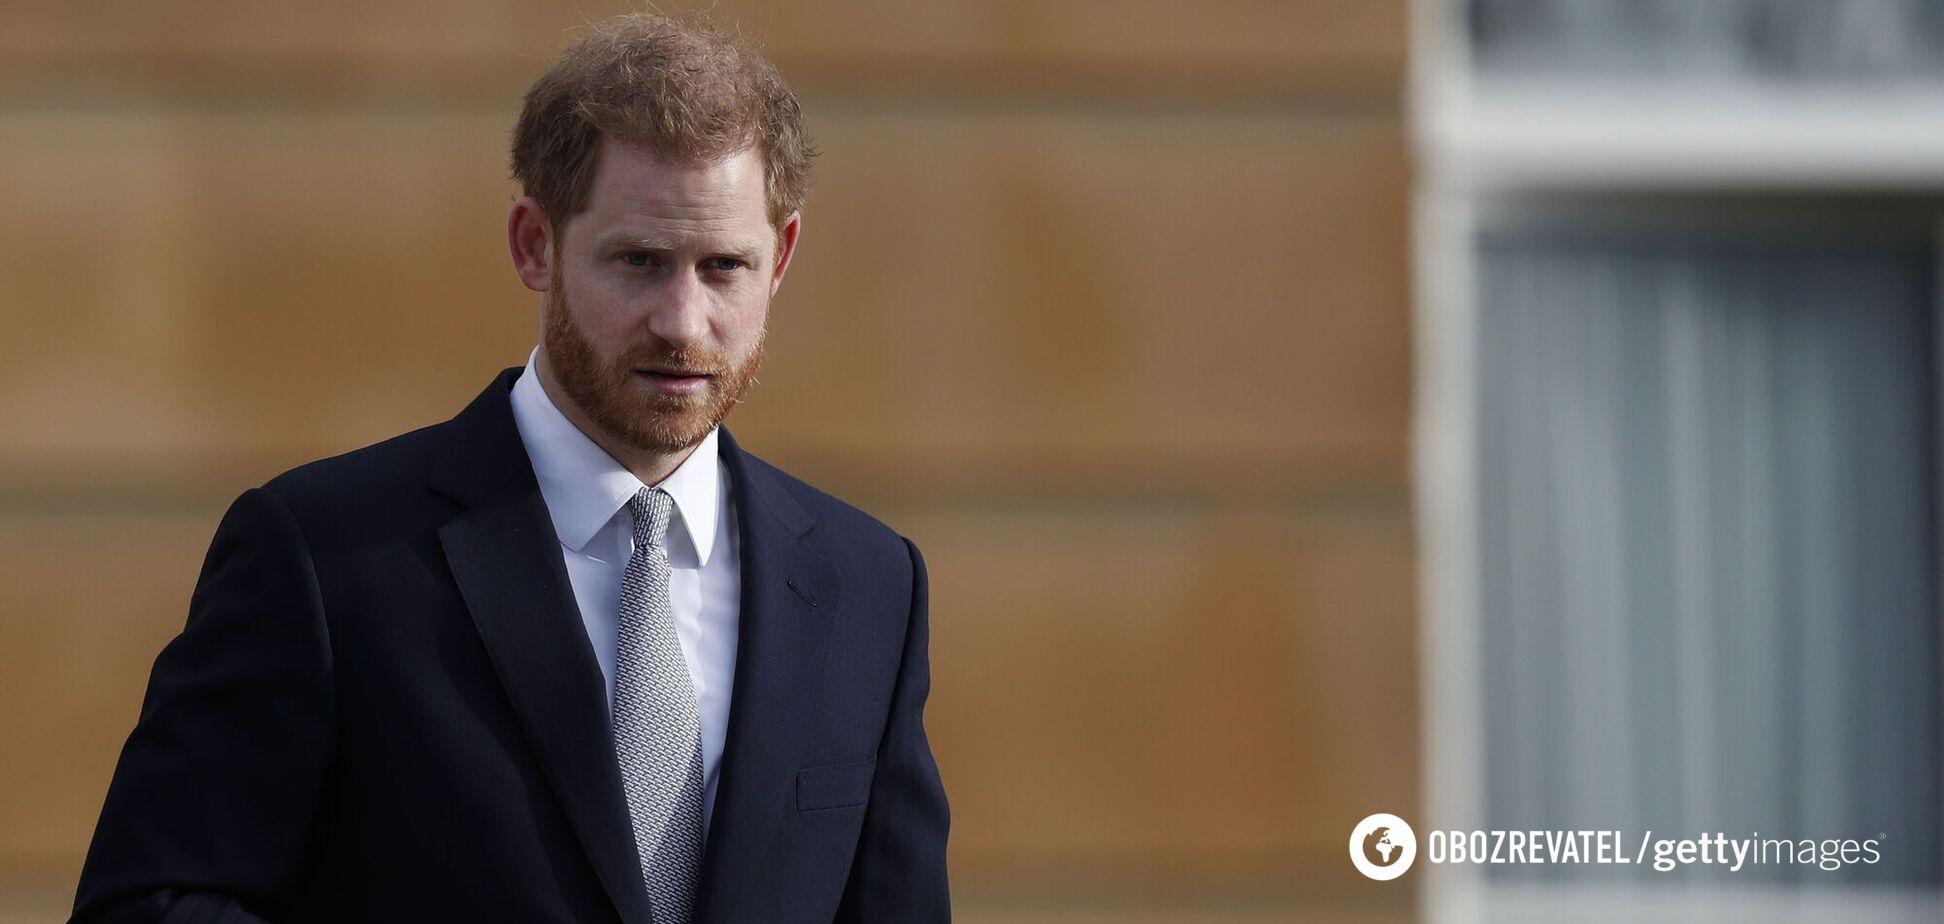 Принц Гарри узнал о смерти 99-летнего принца Филиппа от полиции